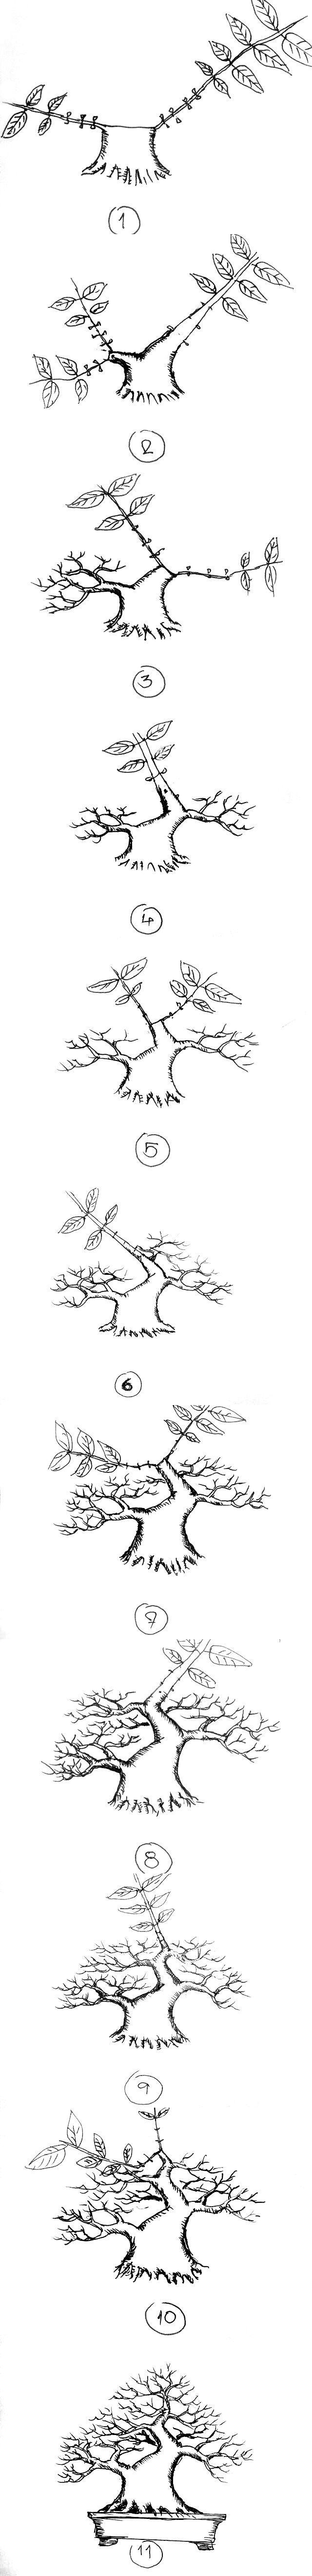 Evolución de Bonsai